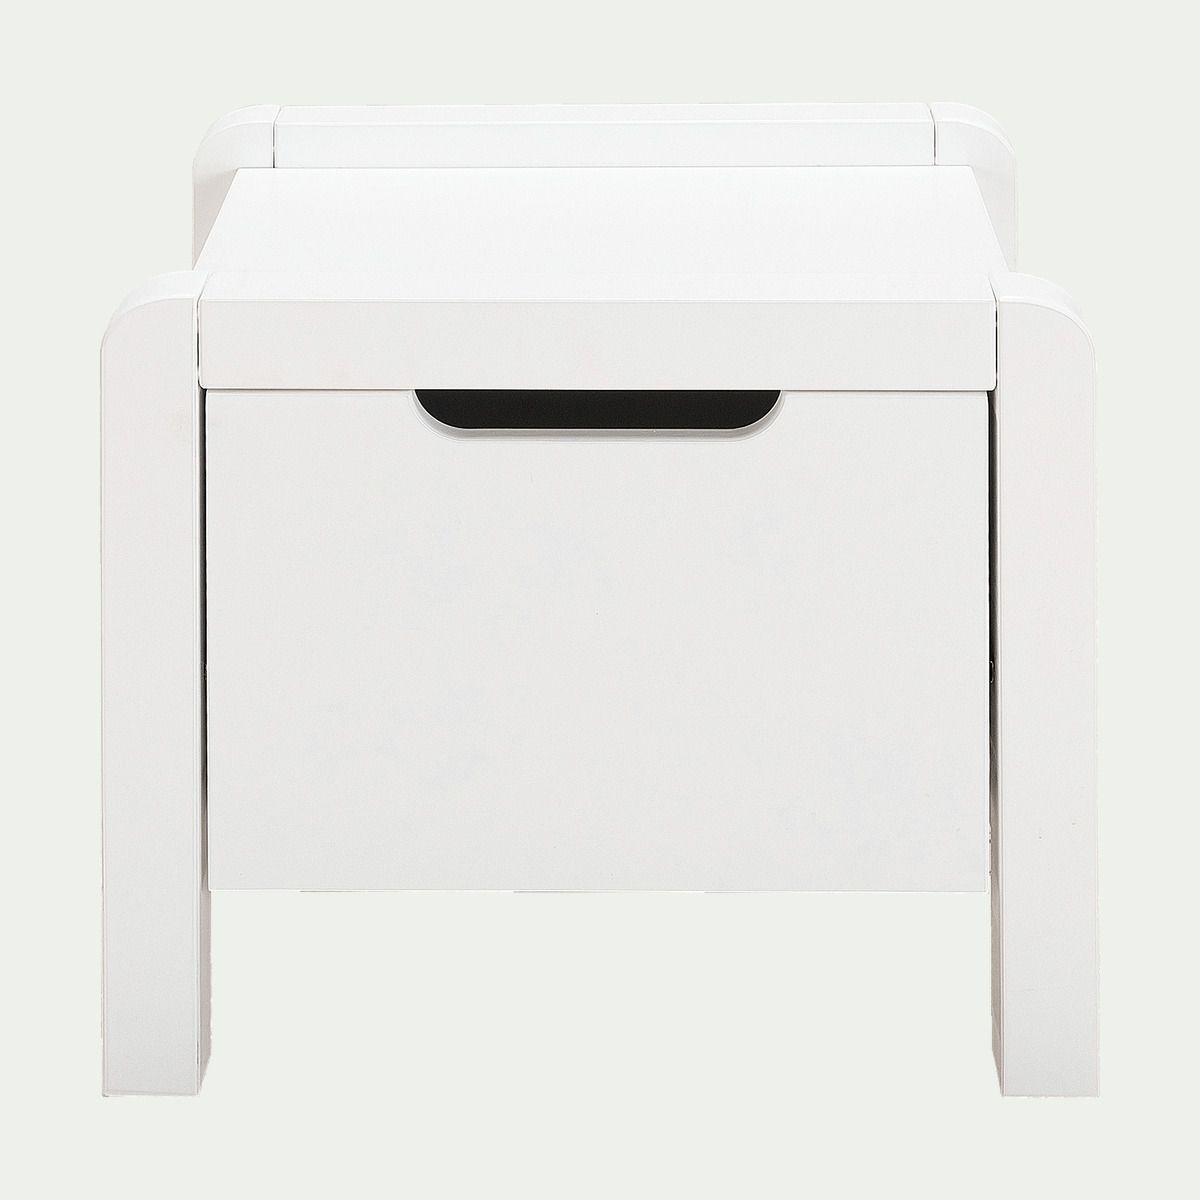 Rangement Intime Une Jolie Table De Chevet Design En Bois Blanc Pour Accompagner Votre Lit Dans Votre Chambre A En 2020 Table De Chevet Bois Bois Blanc Table De Chevet